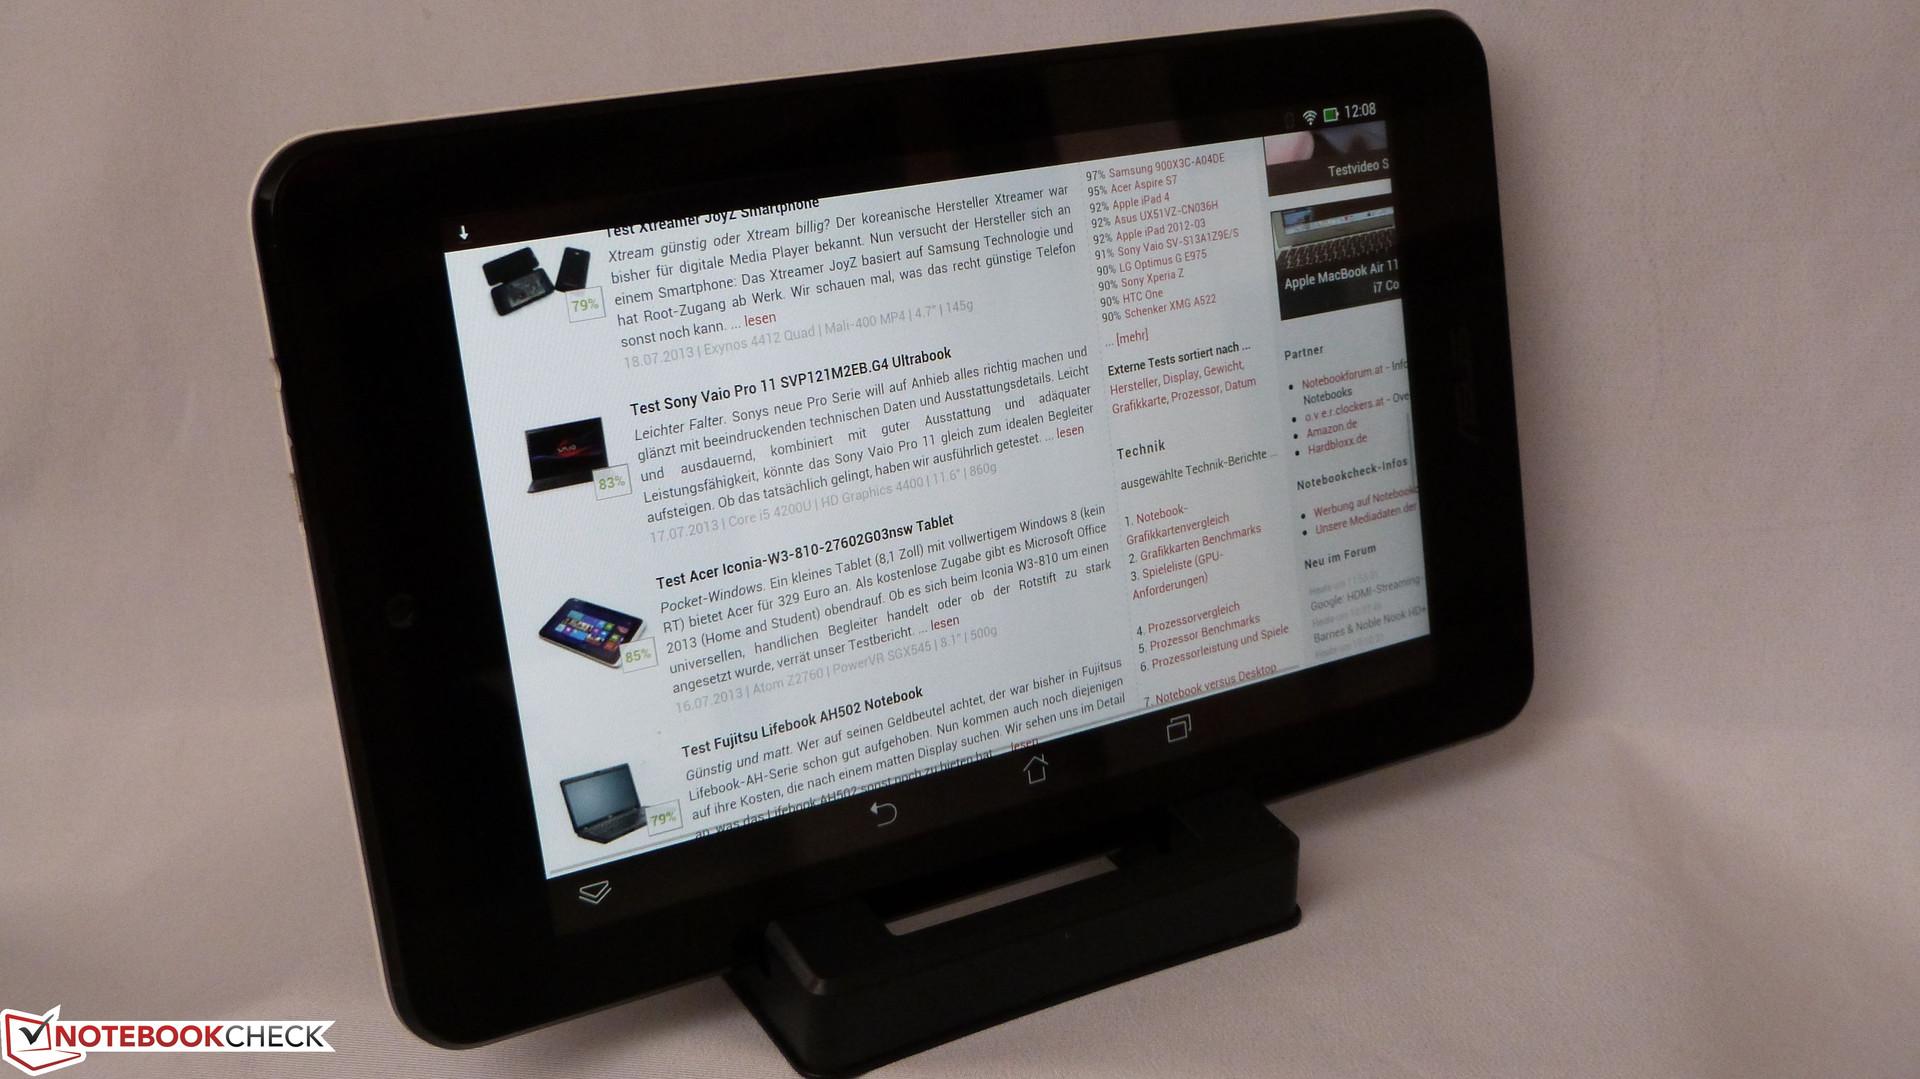 Courte critique de la tablette asus memo pad hd 7 - Tablette a petit prix ...